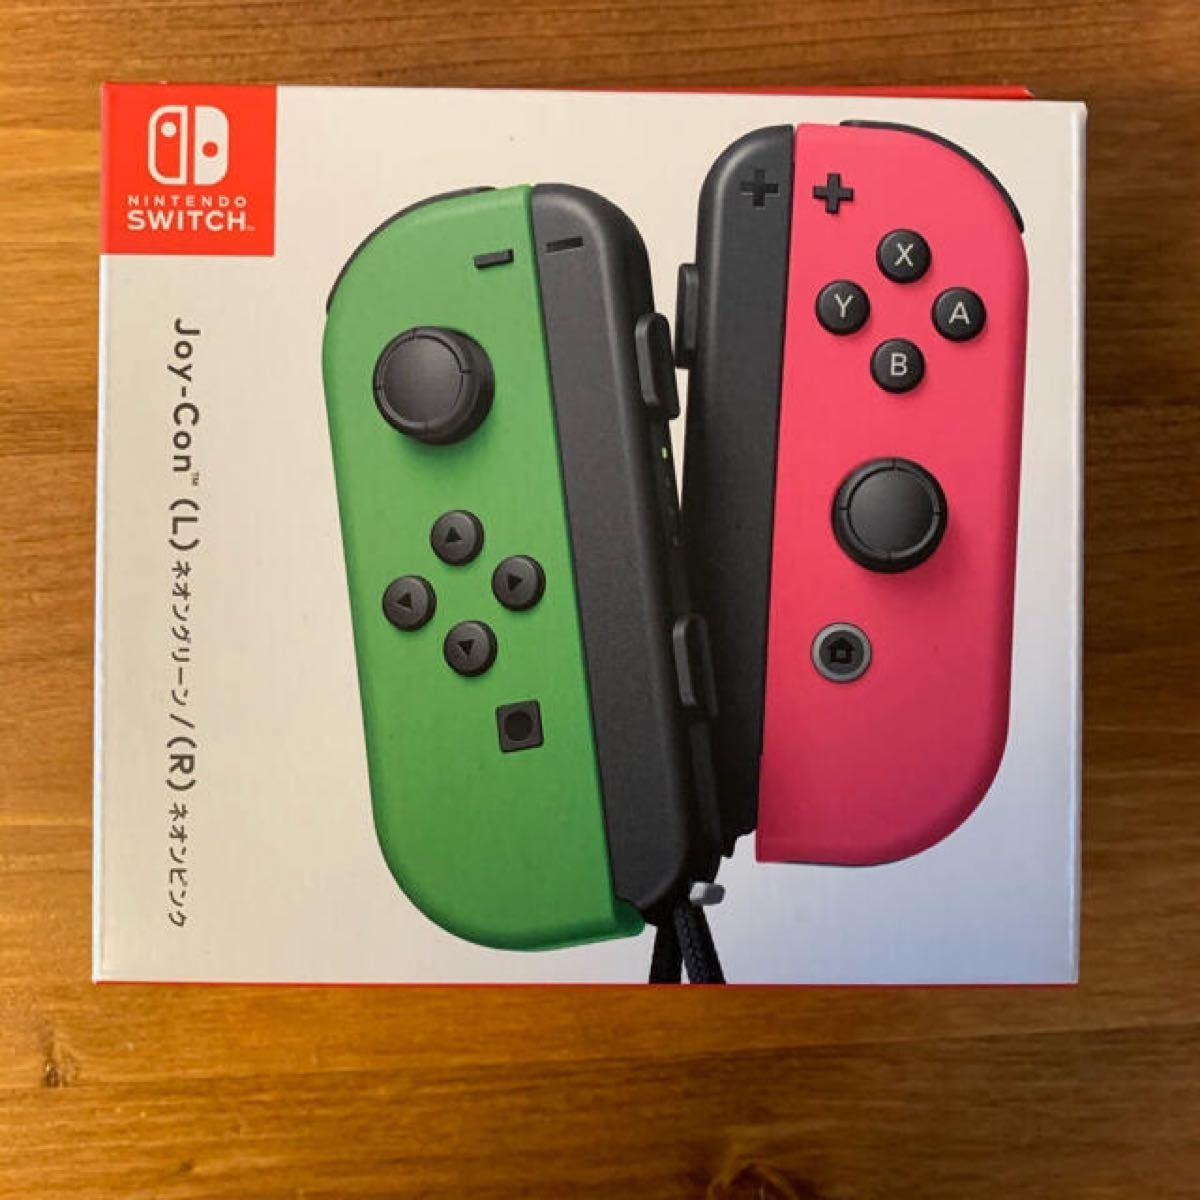 Nintendo Switch ジョイコン Joy-Con(L) ネオングリーン/(R) ネオンピンクのコントローラー出